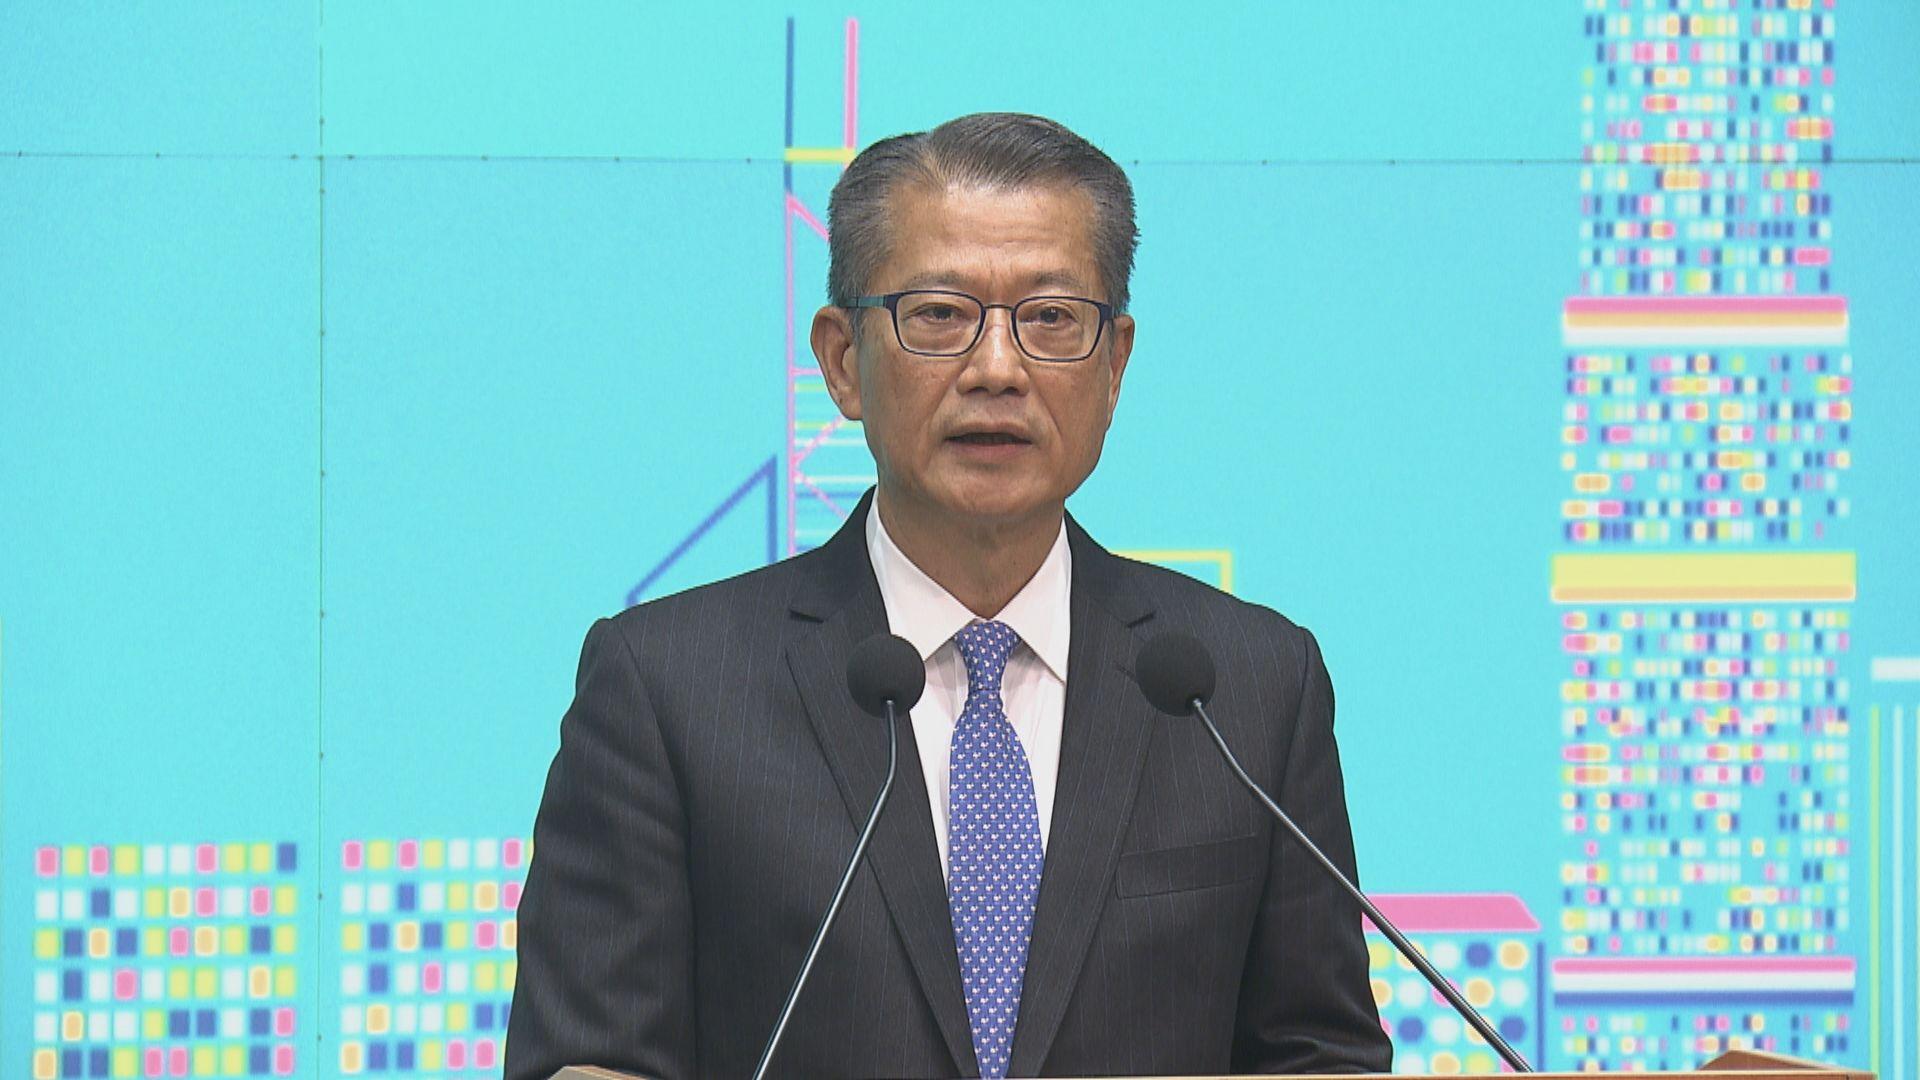 【香港營商】政府發布香港營商環境報告 強調國安法無損金融穩定